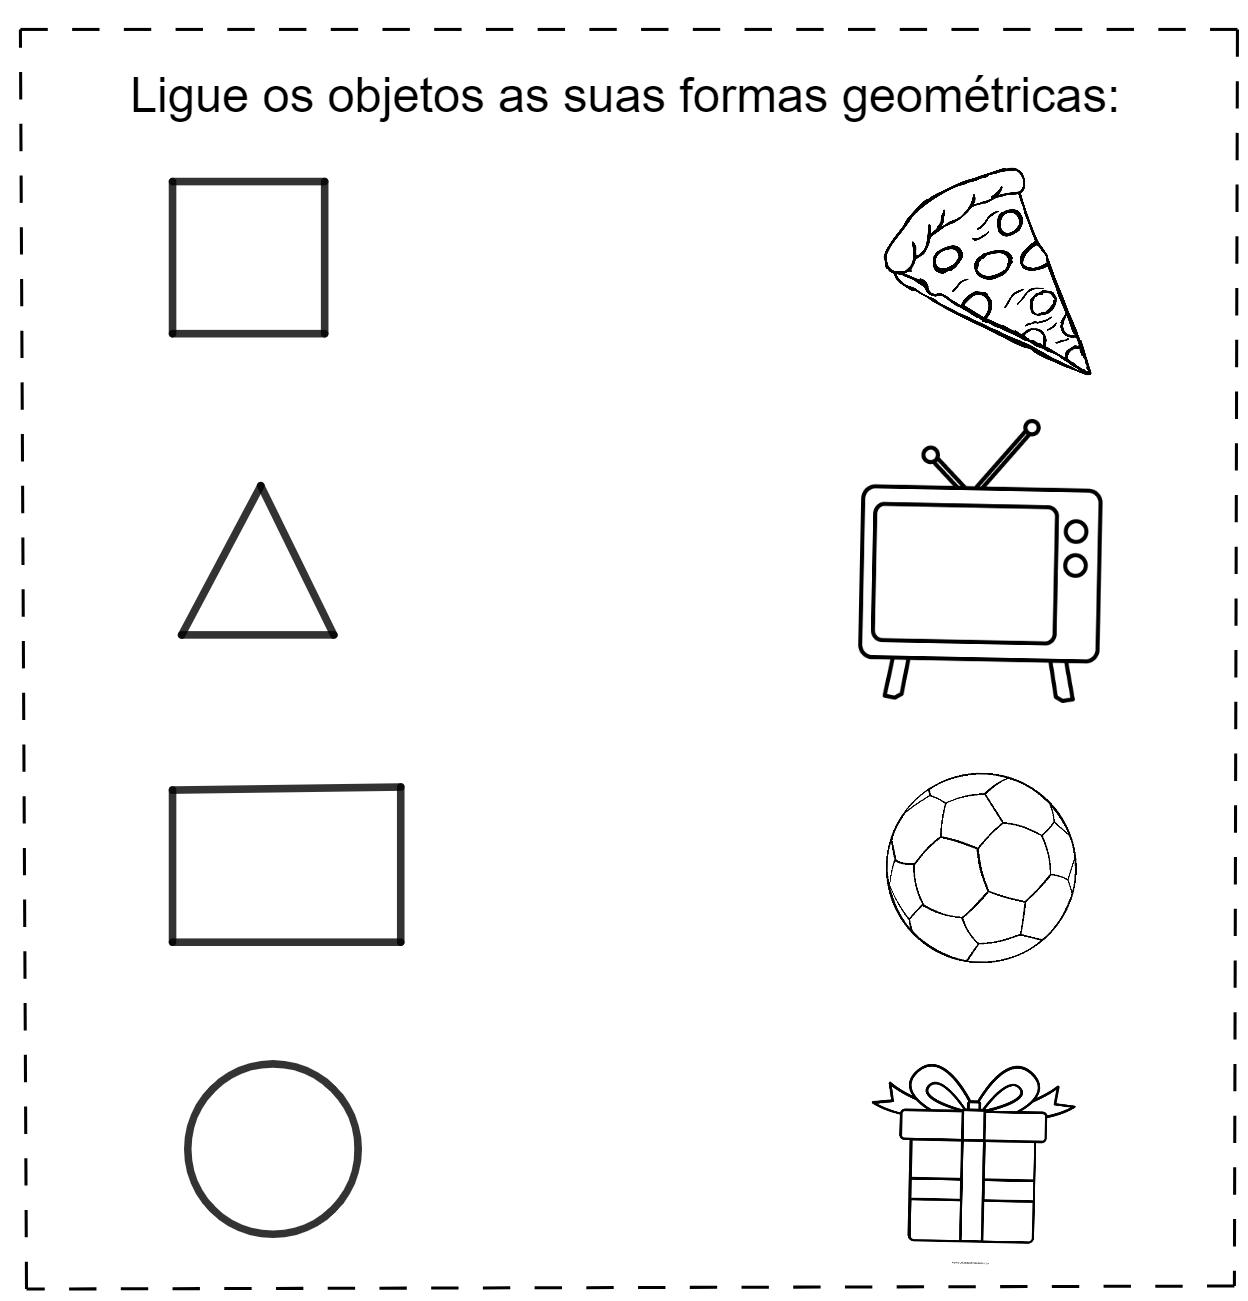 atividades-classificar-formas-geometricas